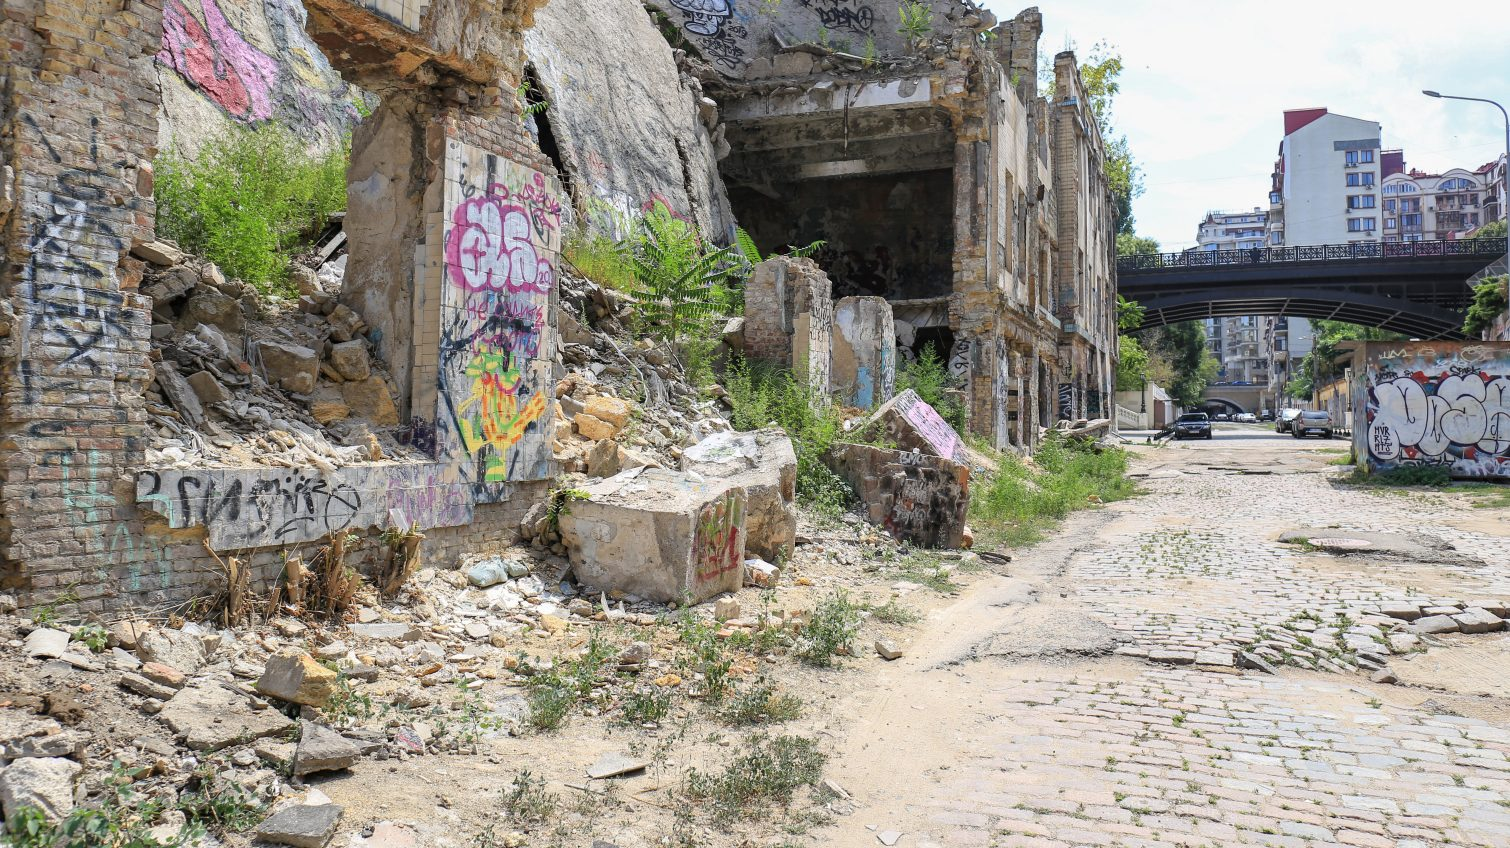 Разруха и горы мусора в самом центре Одессы: Деволановский спуск ждет реконструкции (фото) «фото»